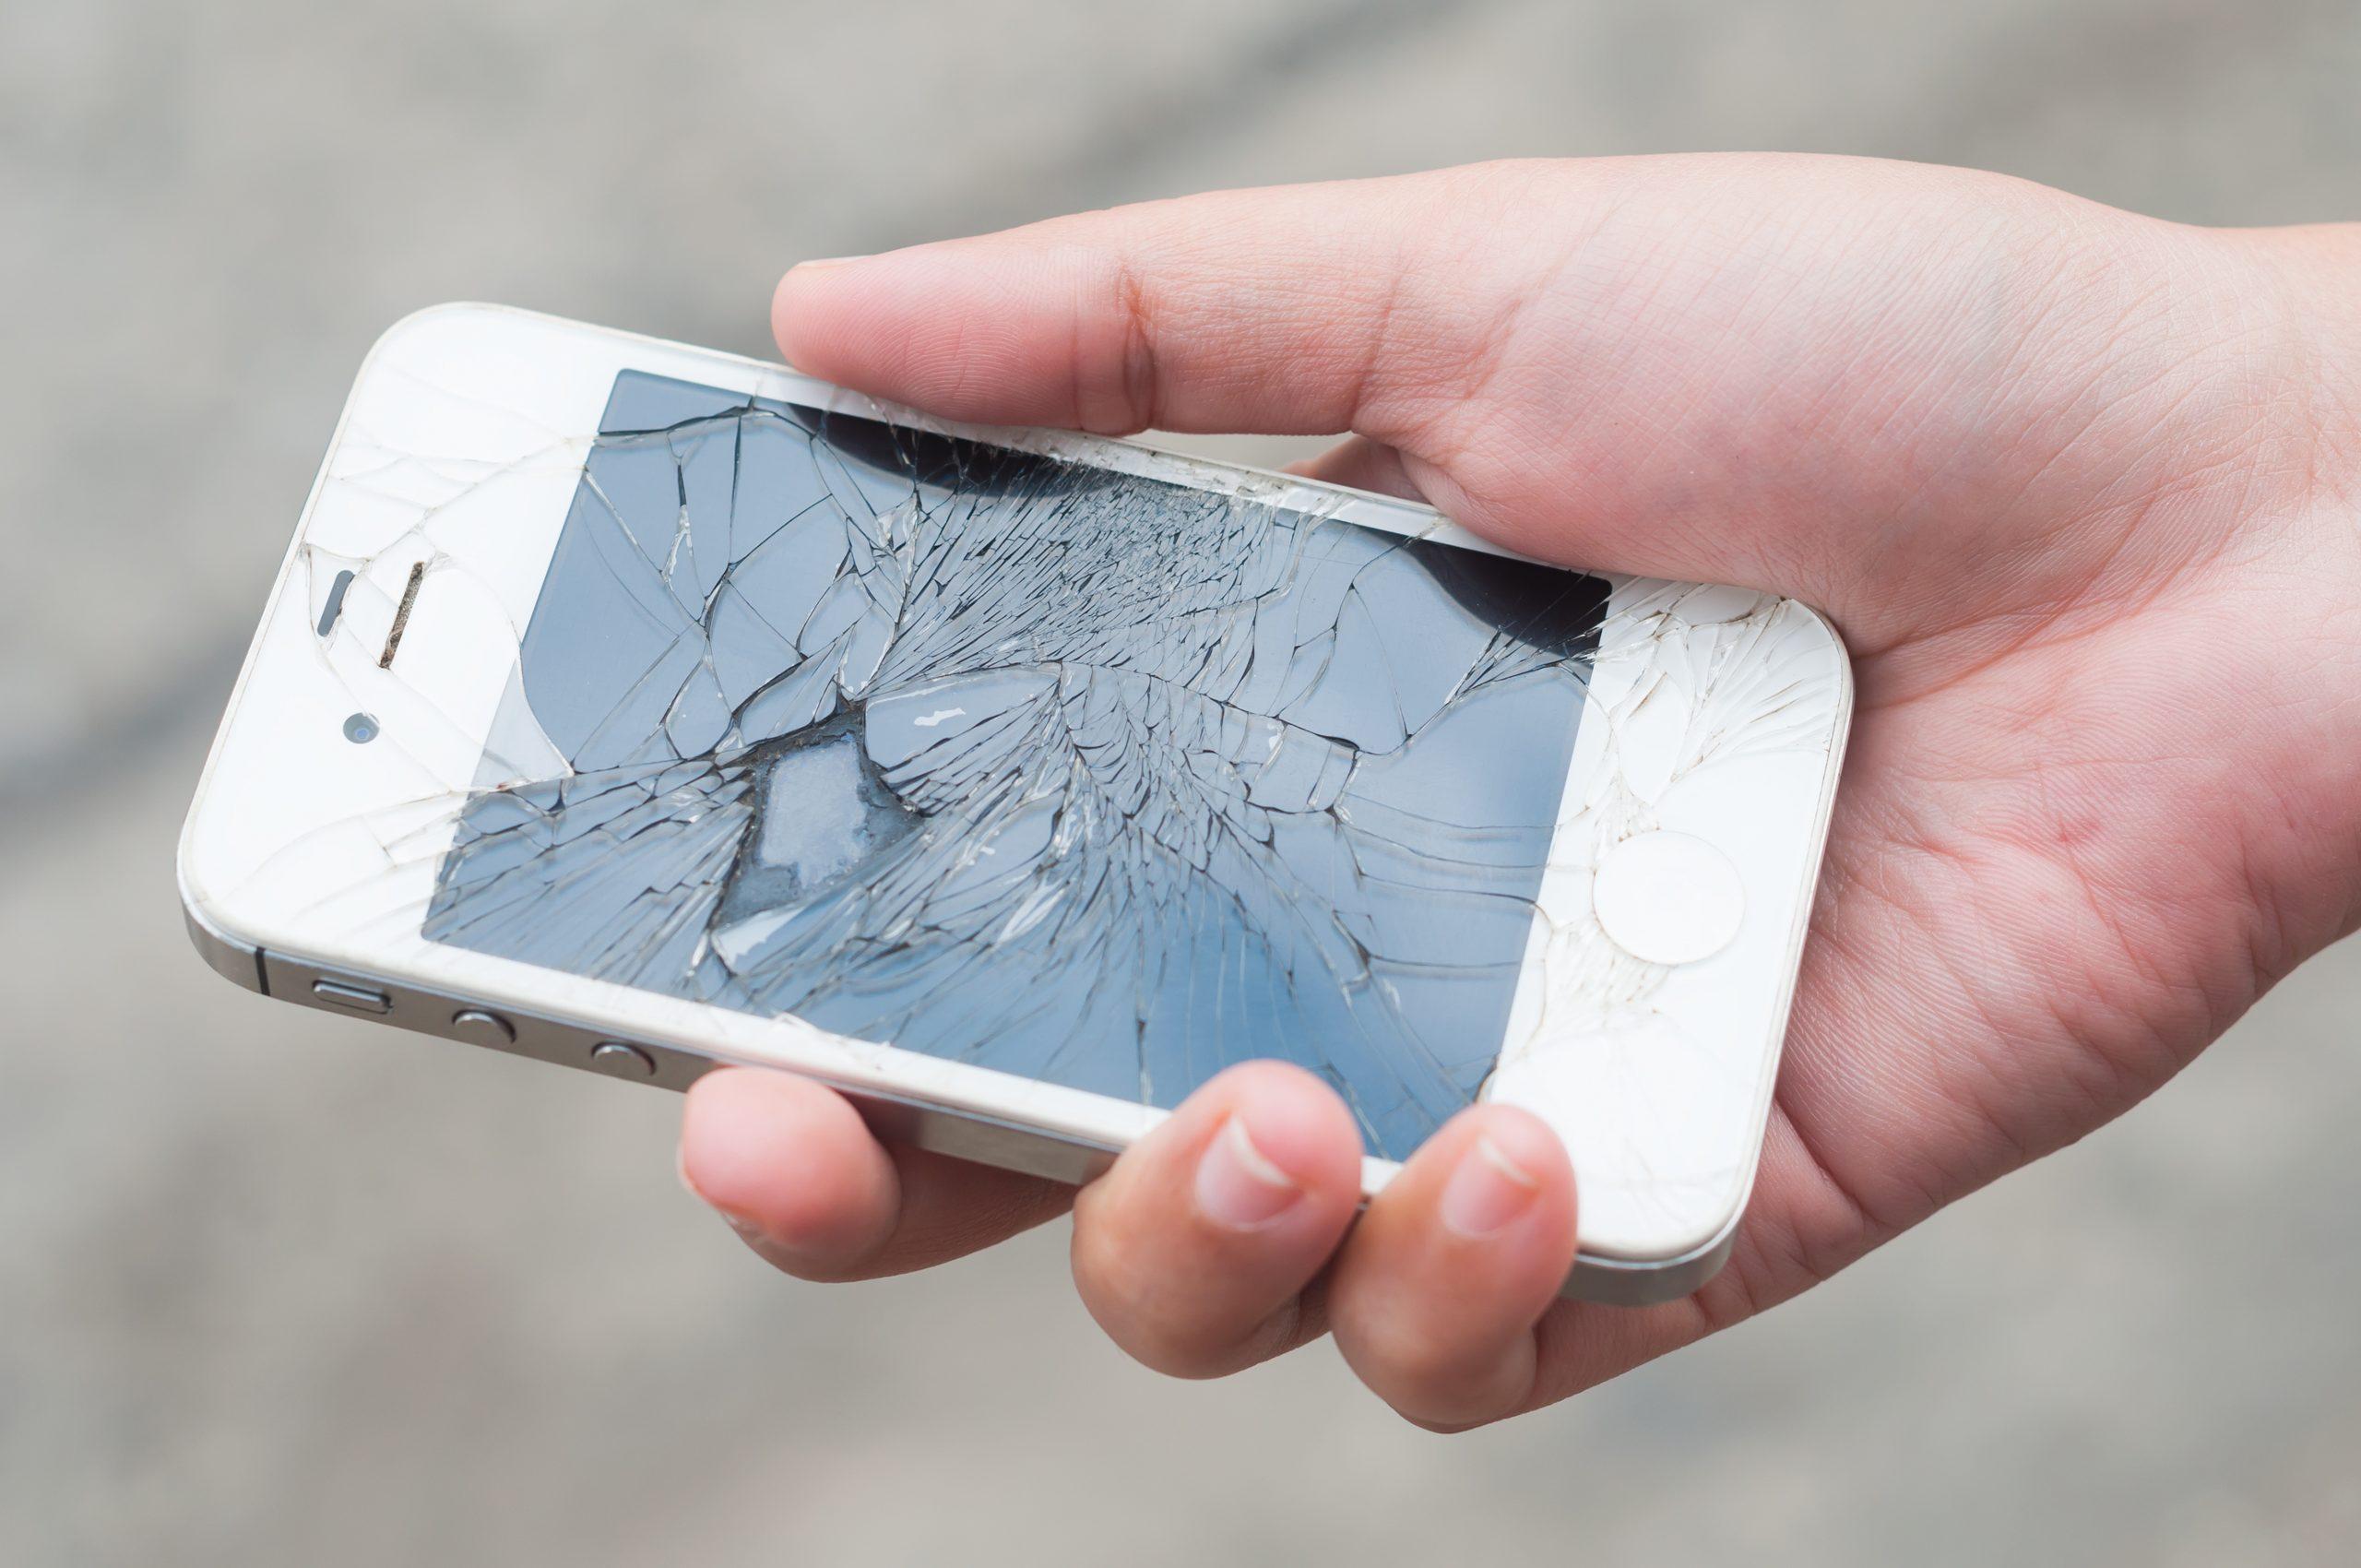 Seguro para celular: como escolher o melhor em 2021?